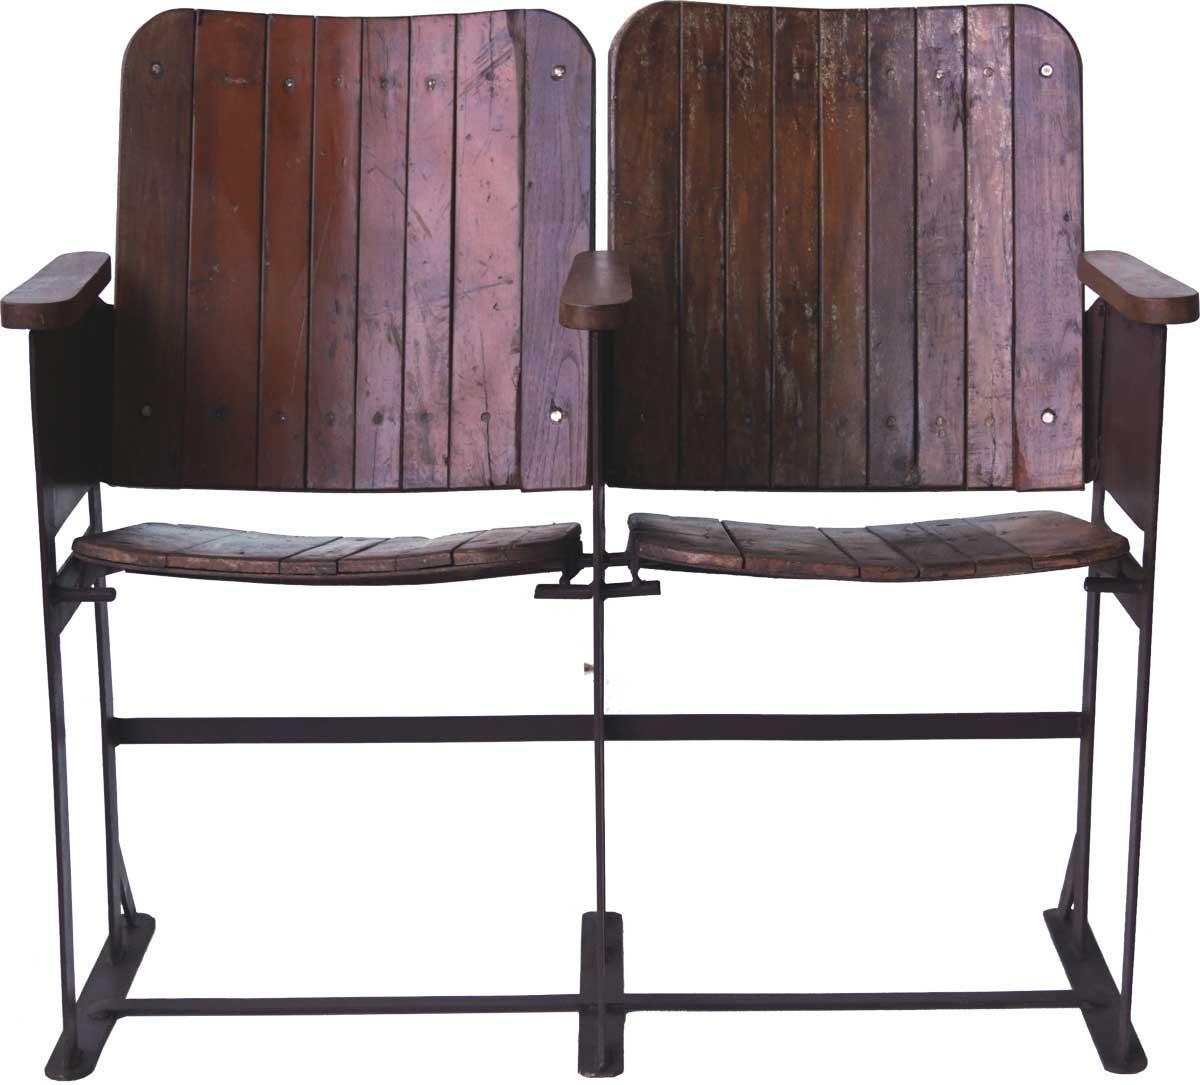 TRADEMARK LIVING Gammel vintage biografbænk i træ - 2 sæder